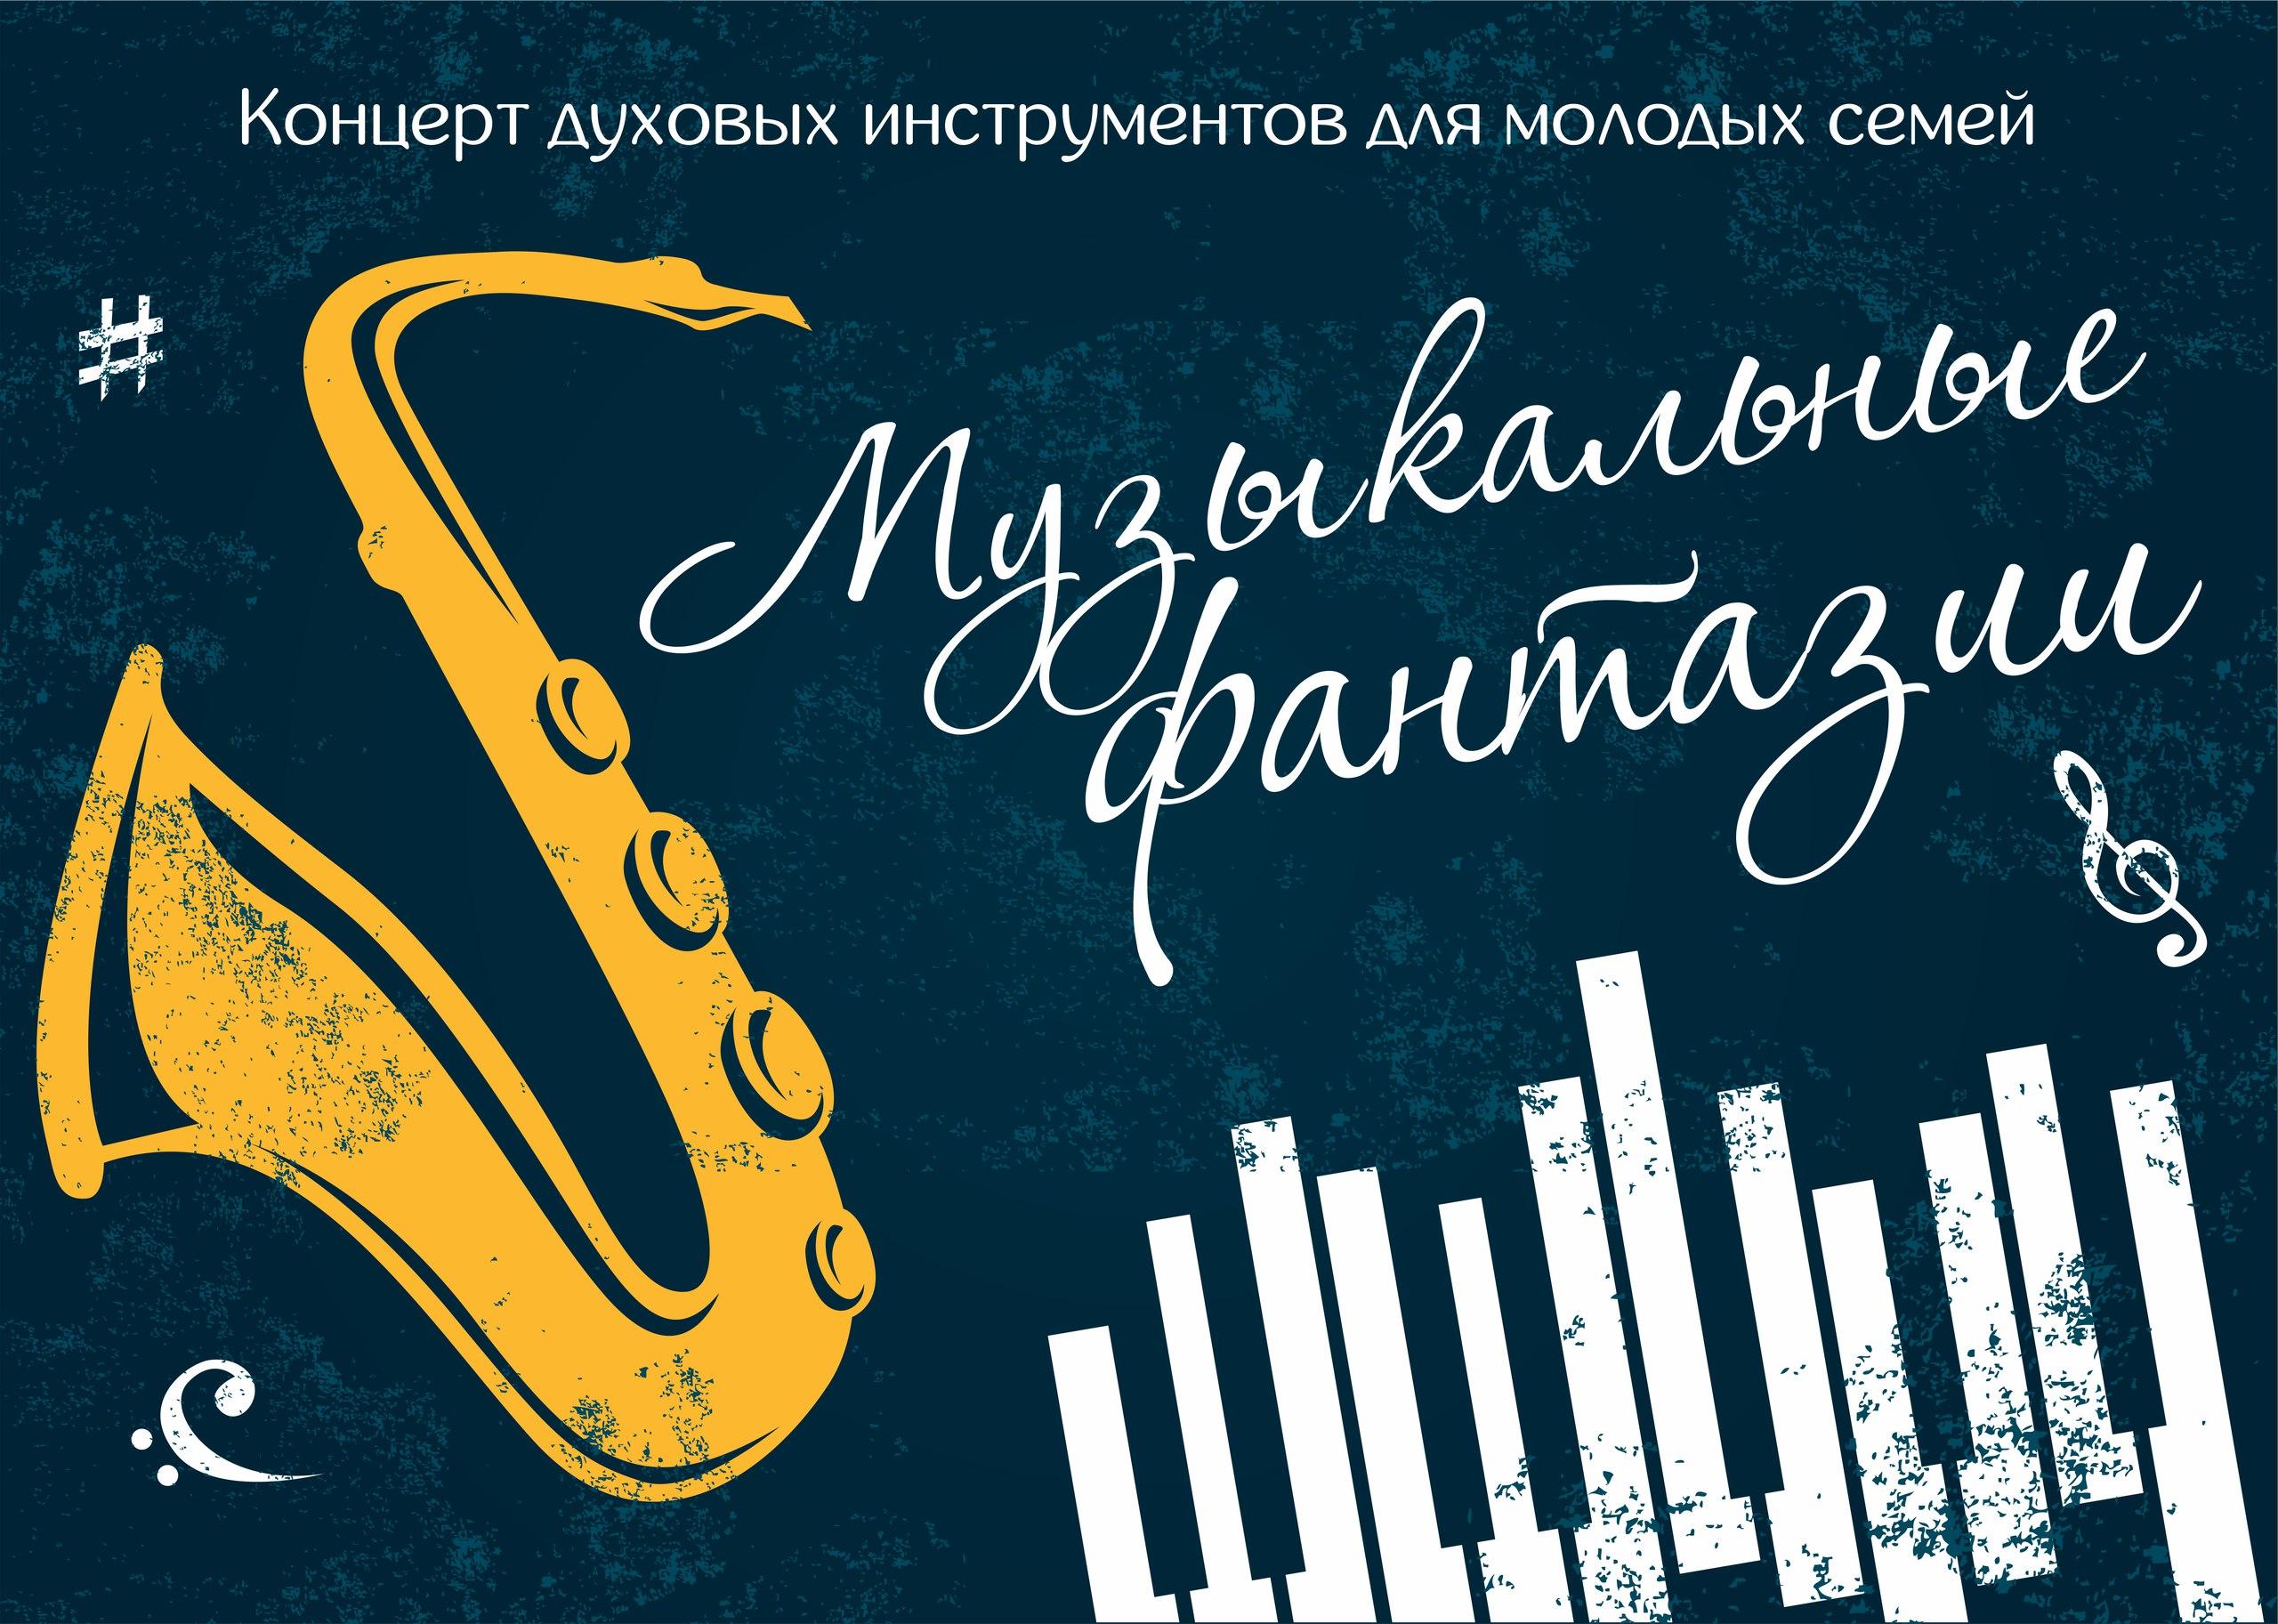 Оформите пригласительный билет поздравительную открытку программу музыкального, рисовать открытку для